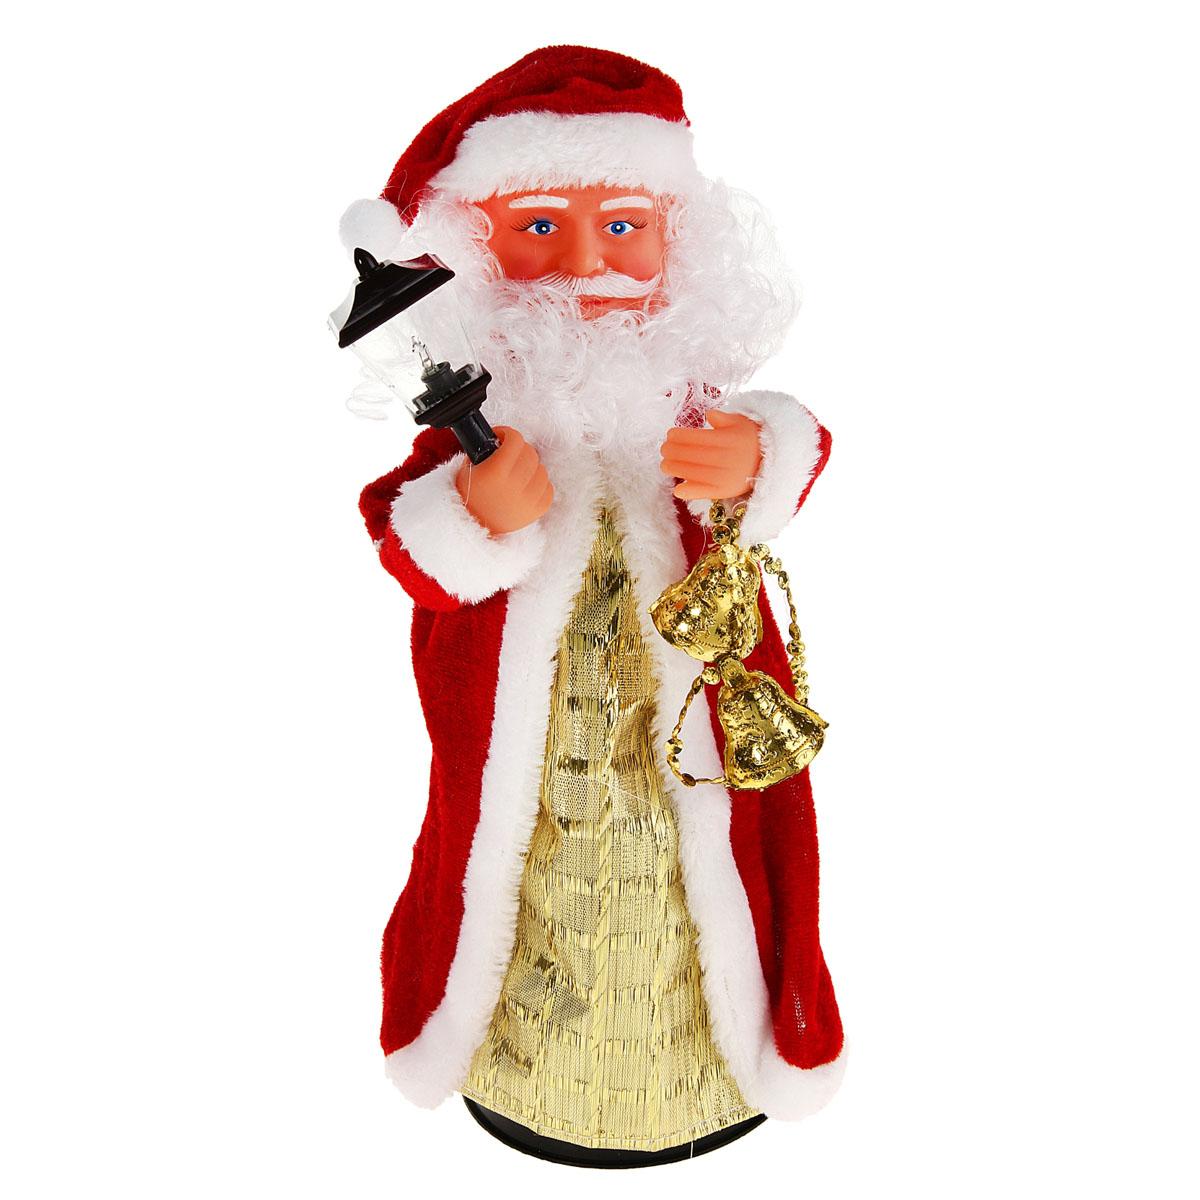 Новогодняя декоративная фигурка Sima-land Дед Мороз, анимированная, высота 28 см. 827831 новогодняя декоративная фигурка sima land дед мороз анимированная высота 28 см 827820